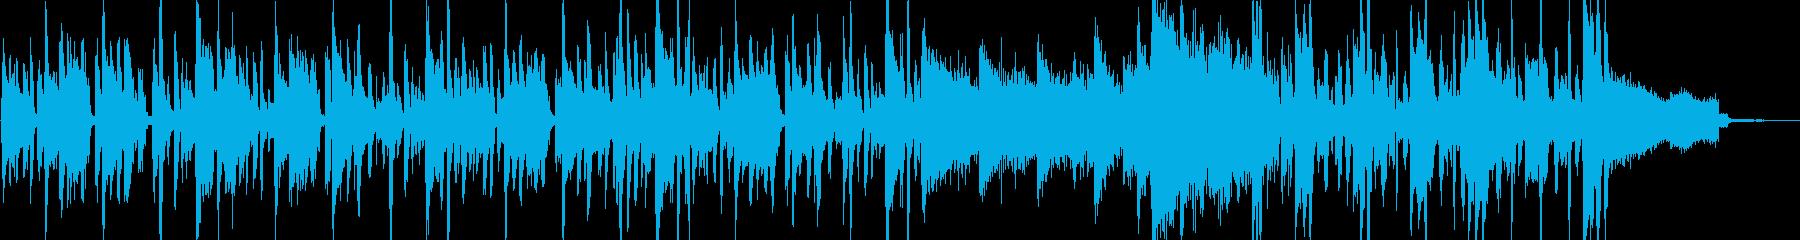 急いでいる様なコミカルな曲の再生済みの波形